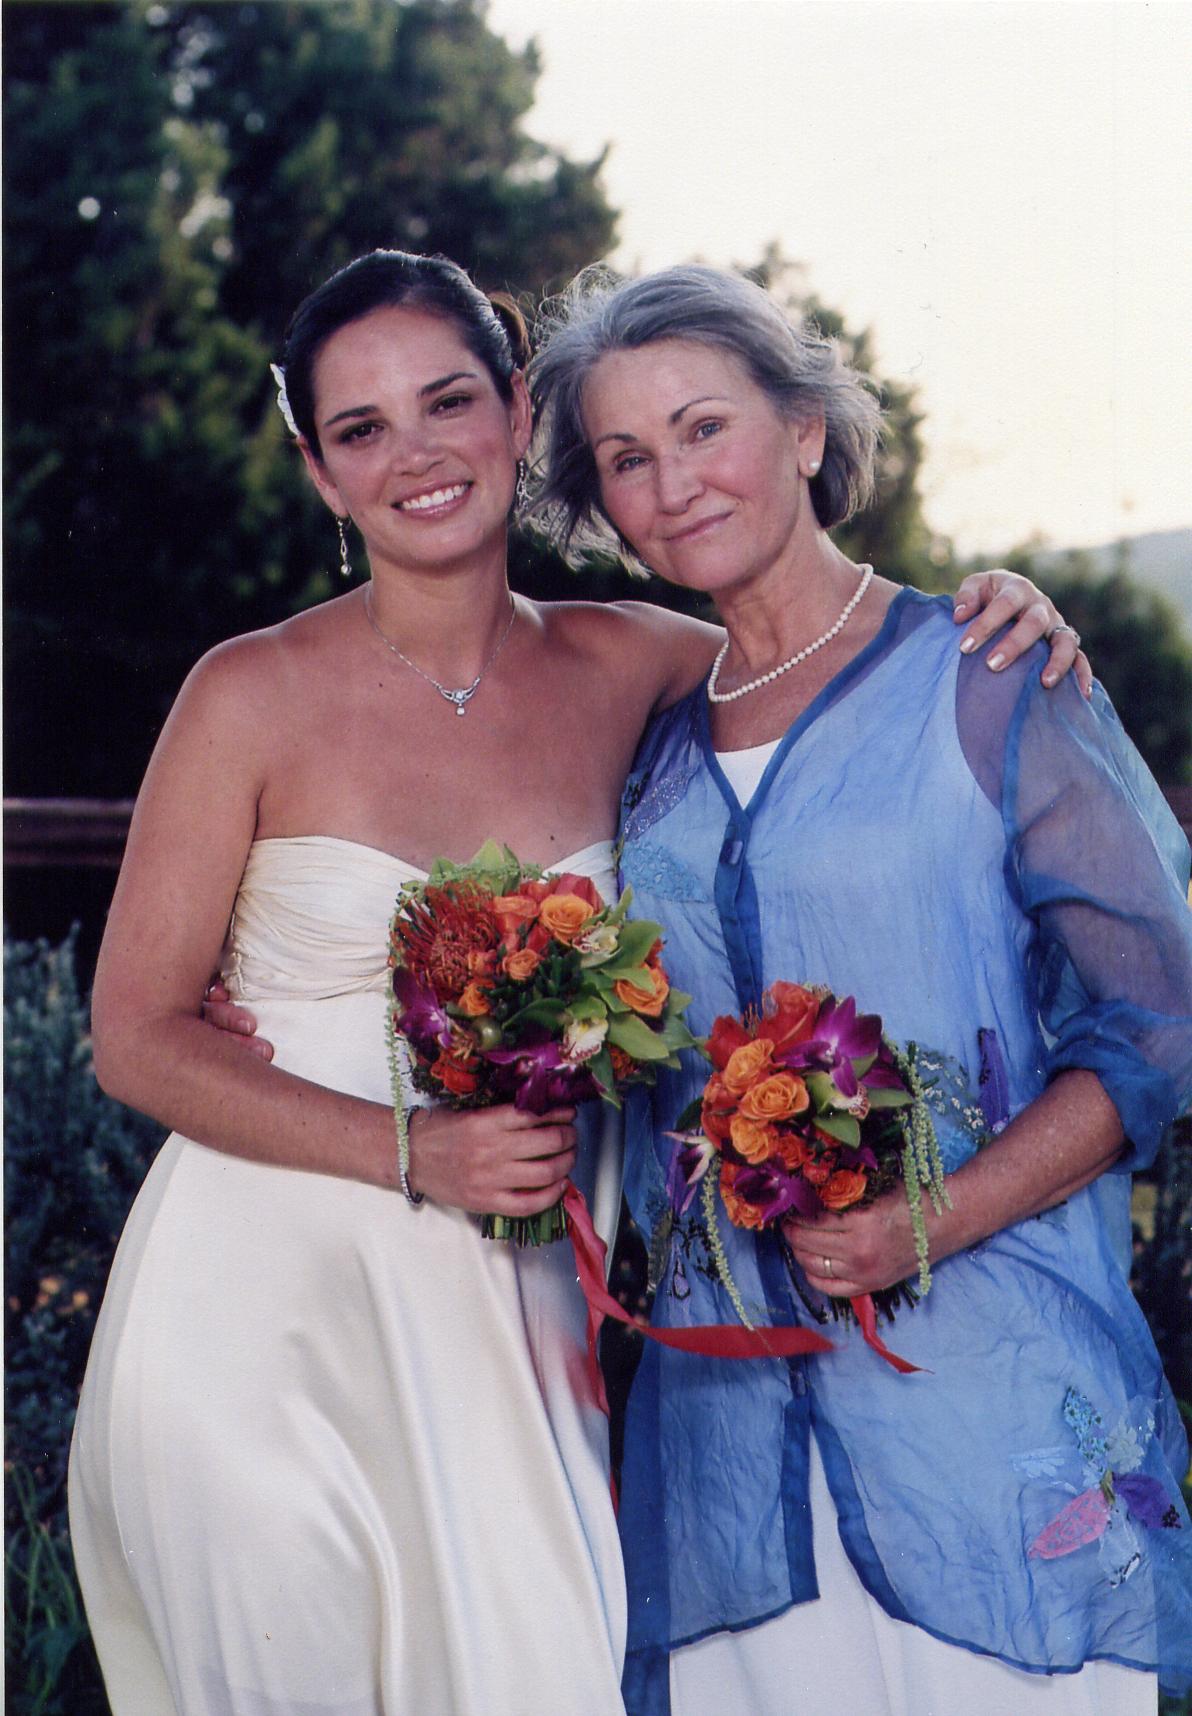 celeste_wedding6.jpg